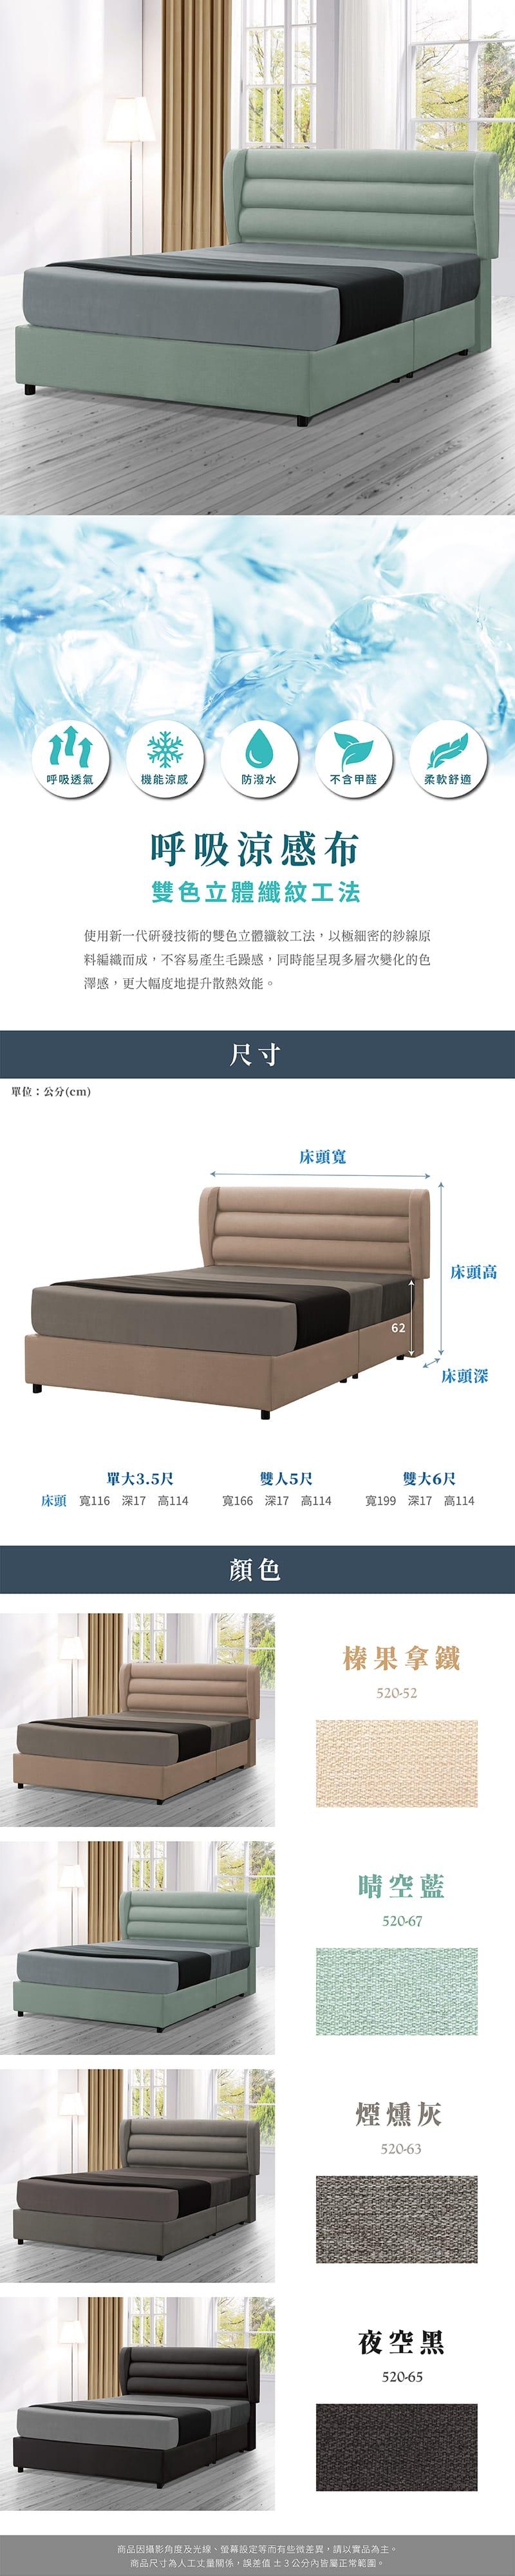 雷恩 涼感布床頭片 雙人加大6尺